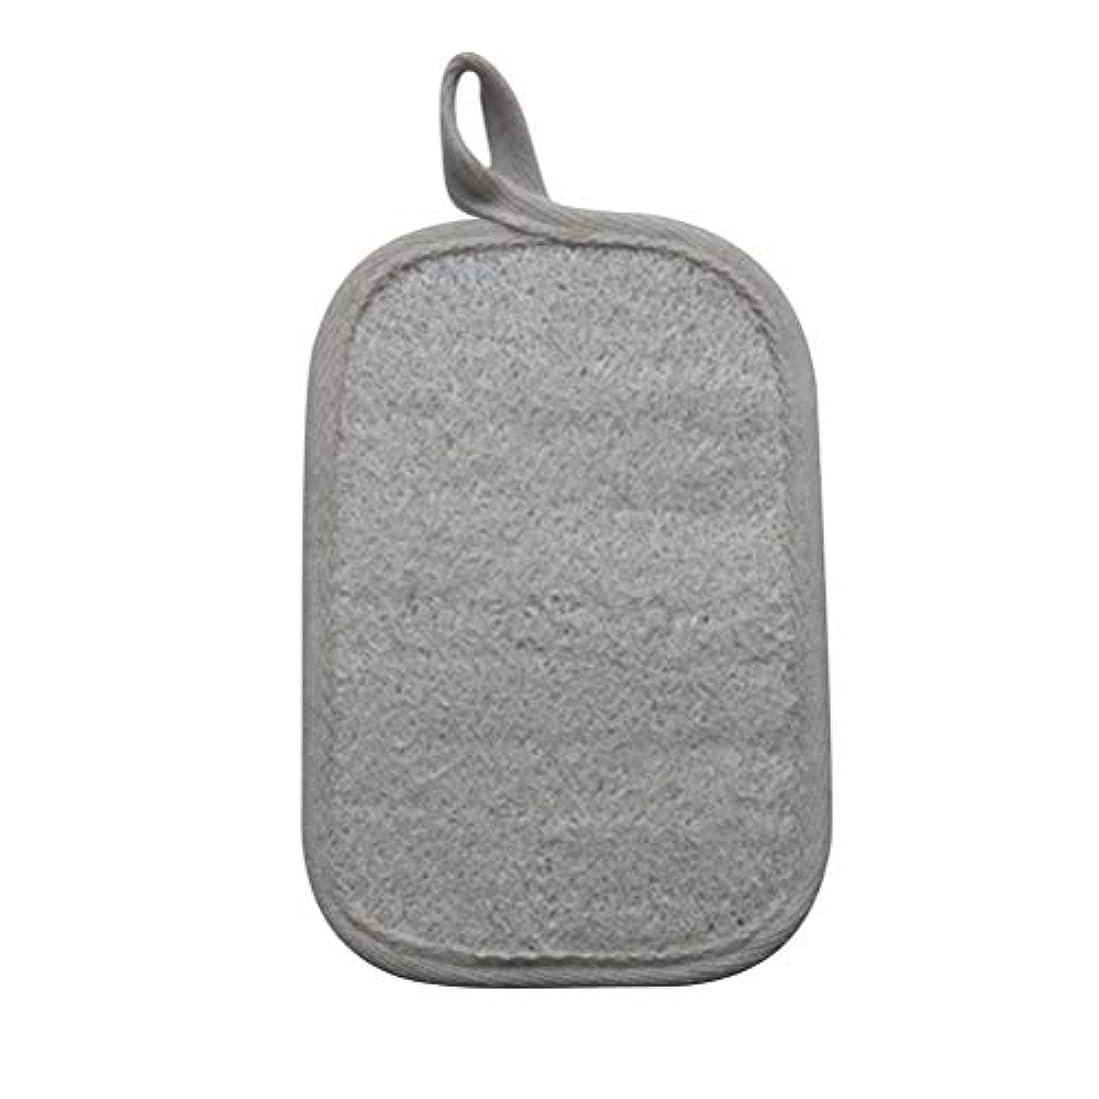 幸運な酔うビルマHEALIFTY シャワーのための自然なLoofahのスポンジパッドの風呂の剥離Loofahのスポンジのスクラバー